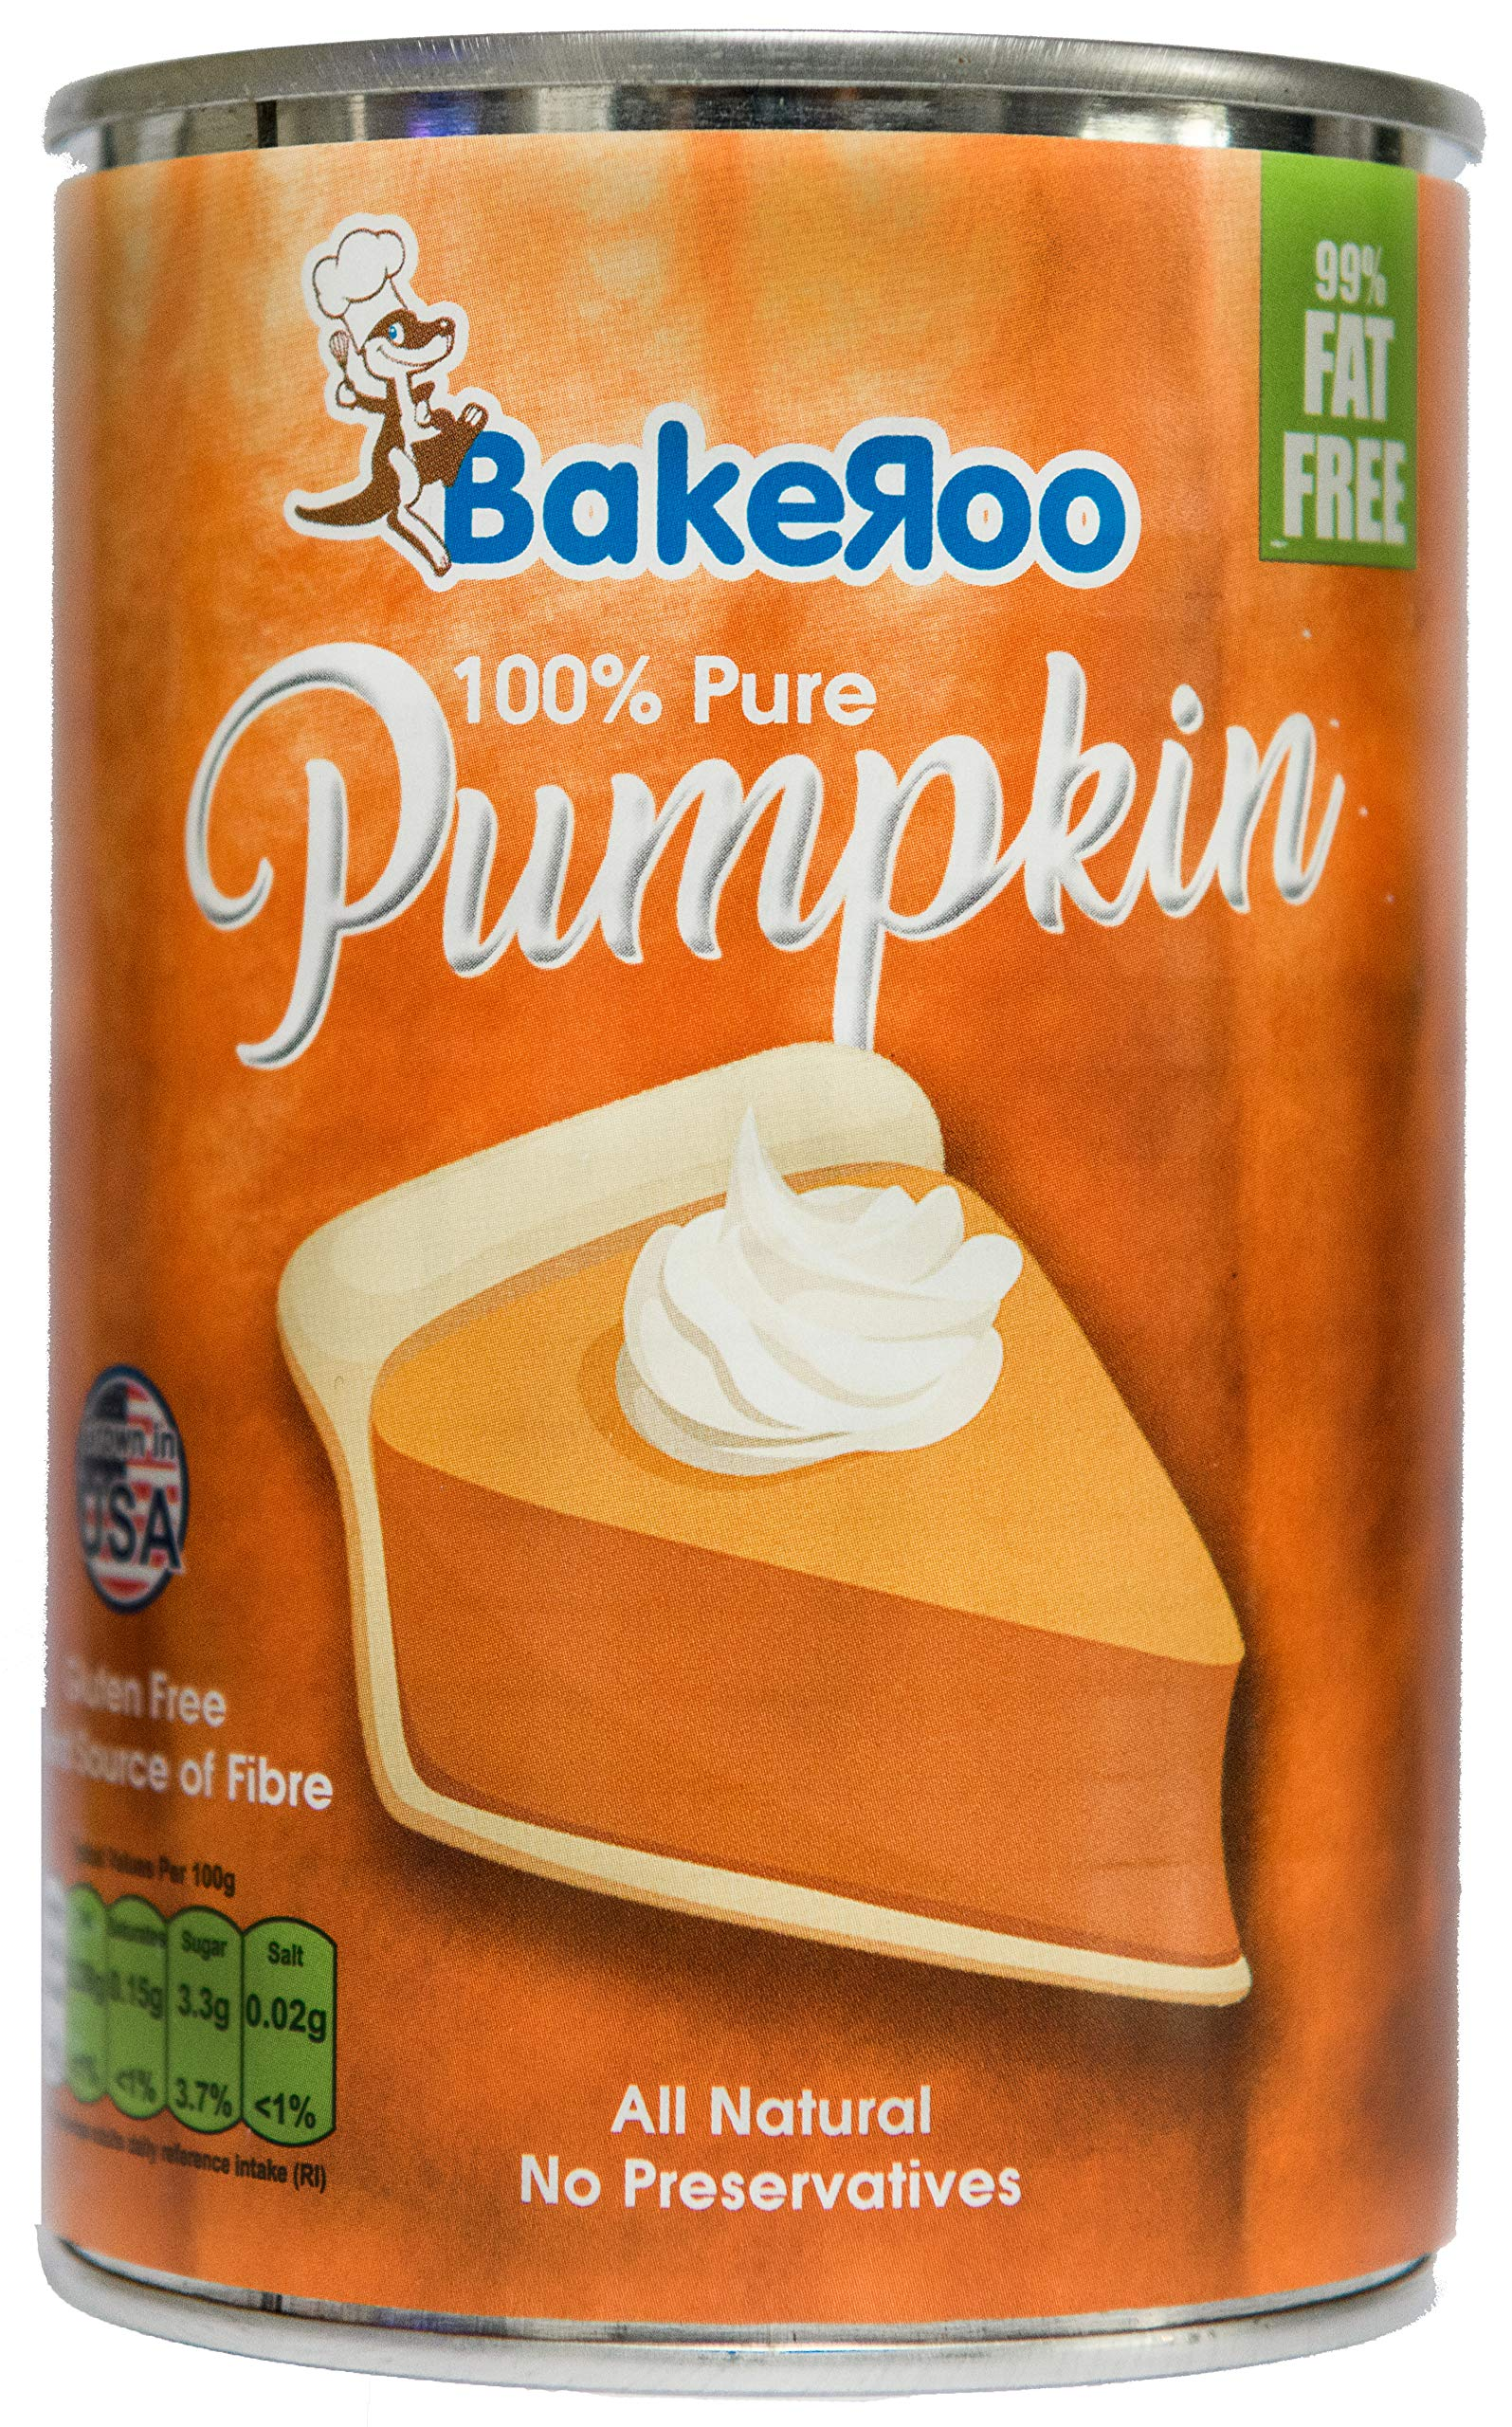 Bakeroo Tinned Pumpkin Puree (Pumpkin Pie Filling), 100% Natural - 425g